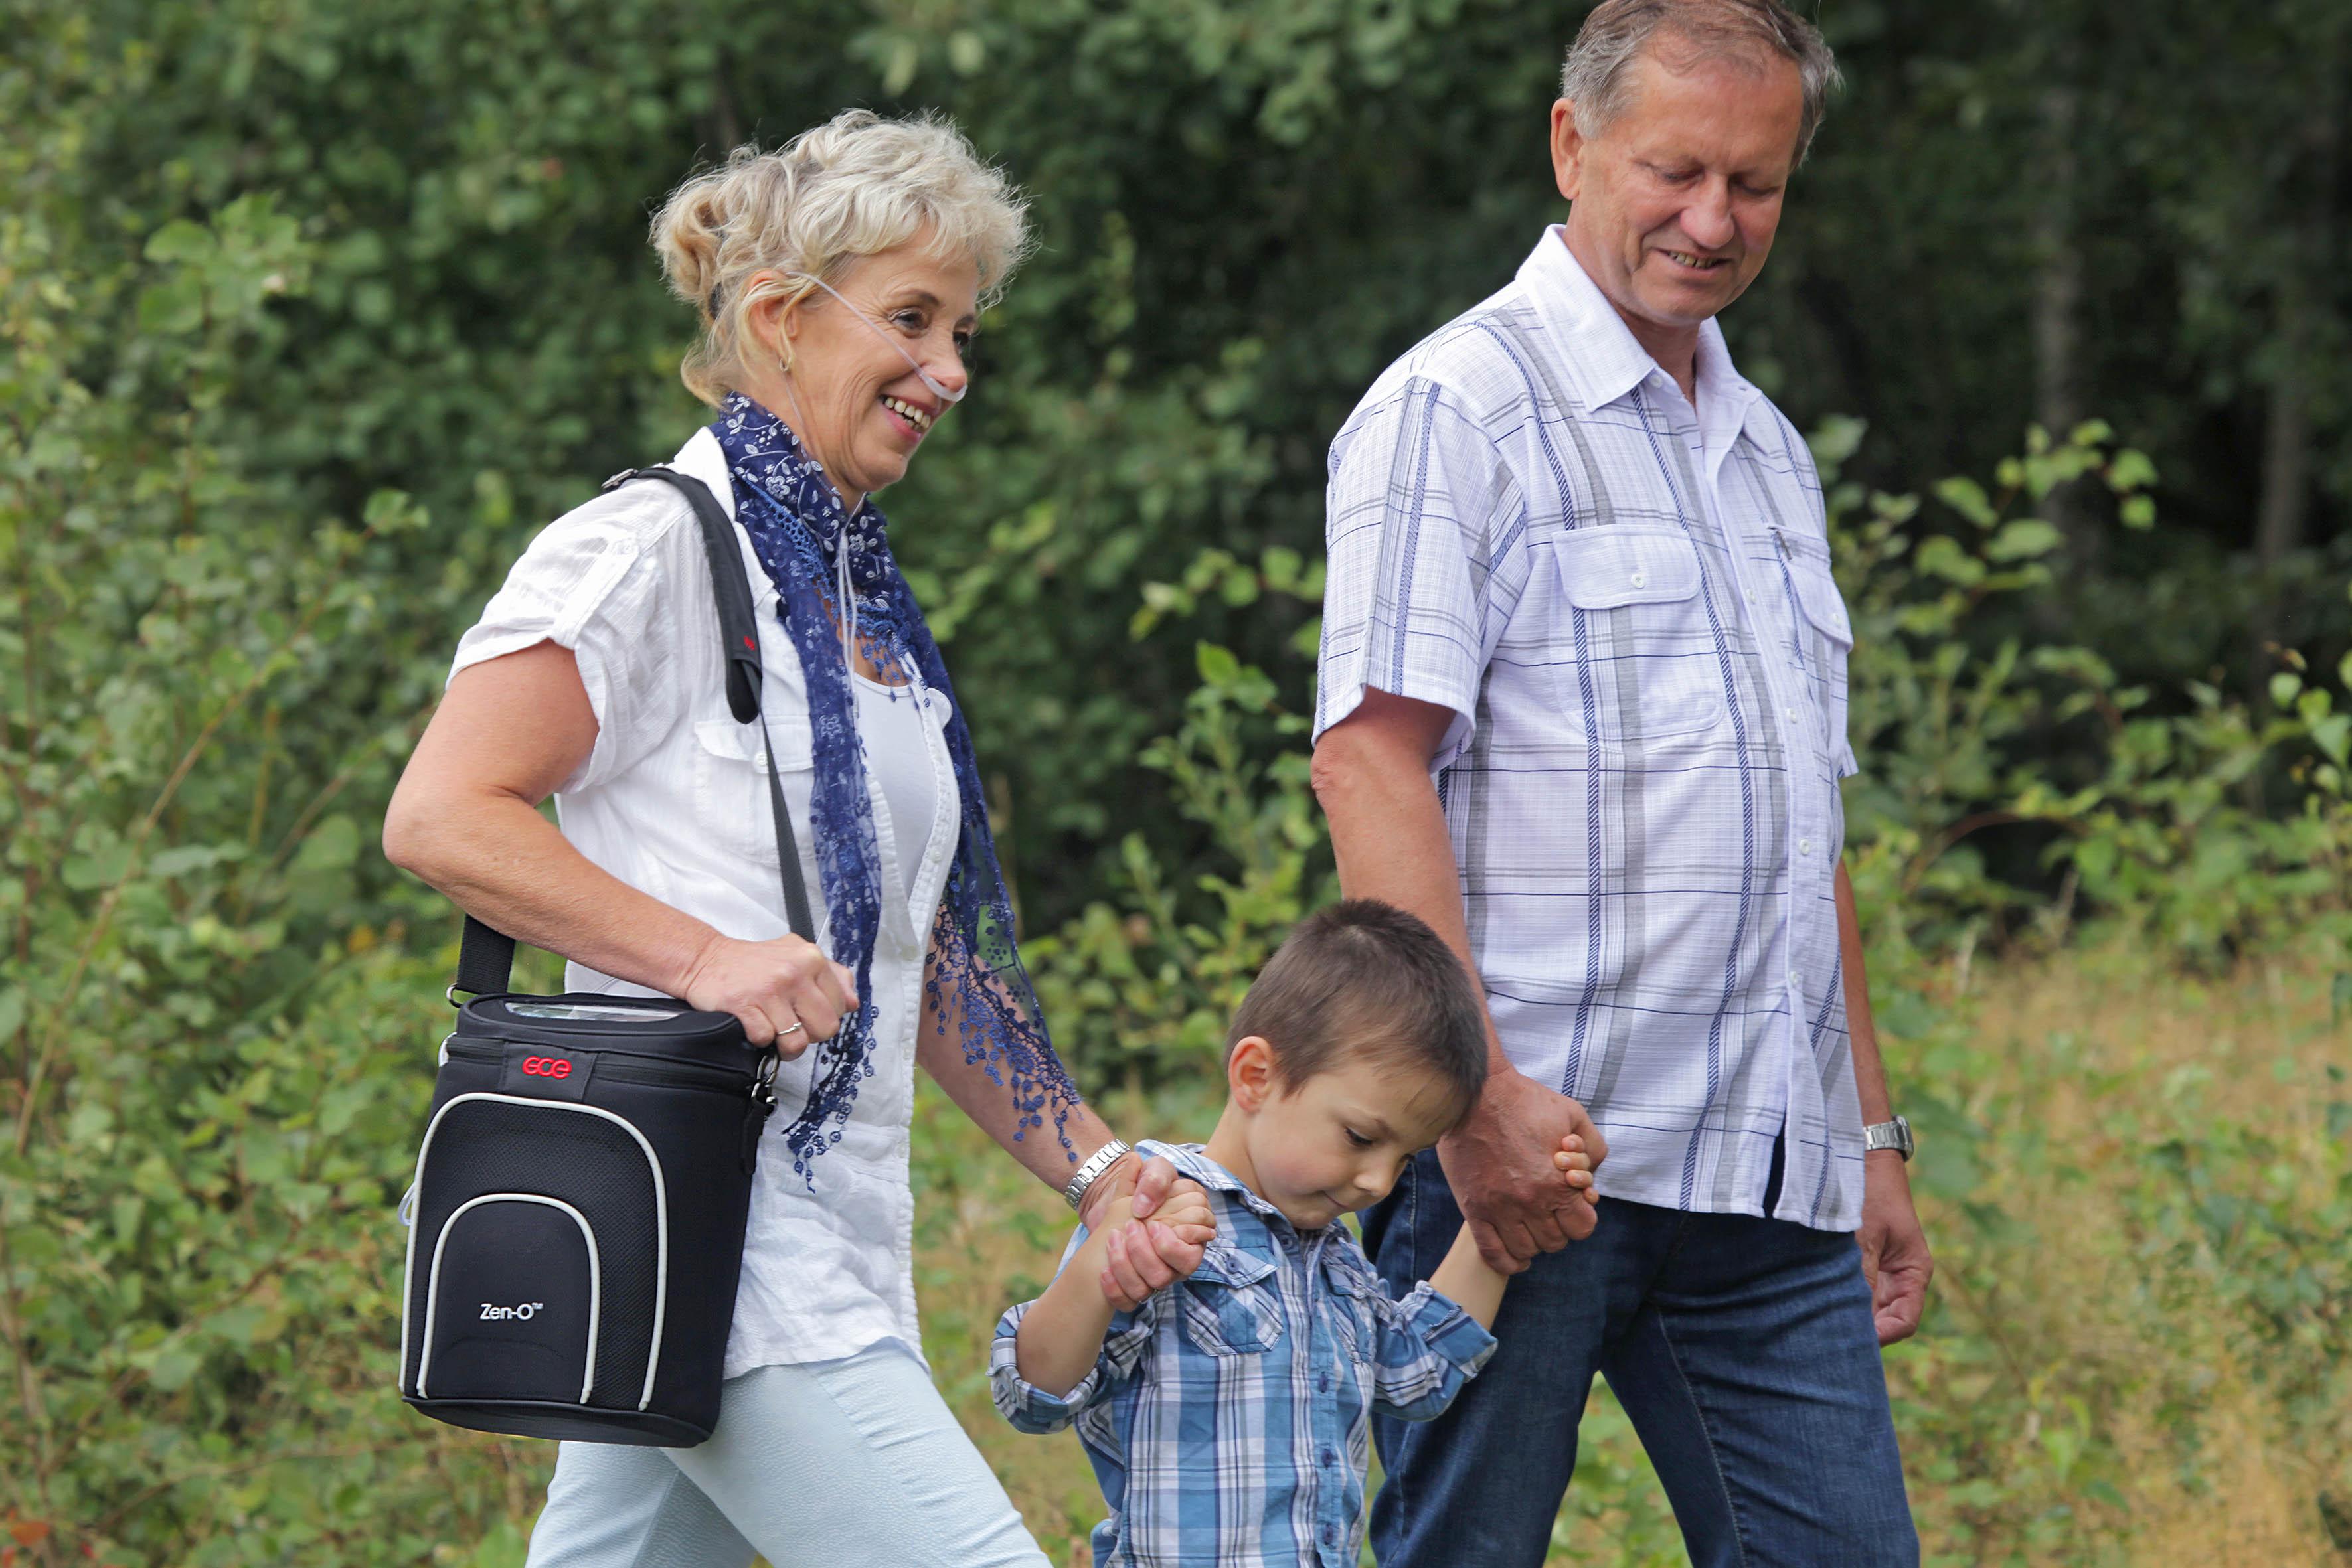 zen o portable oxygen concentrator manual